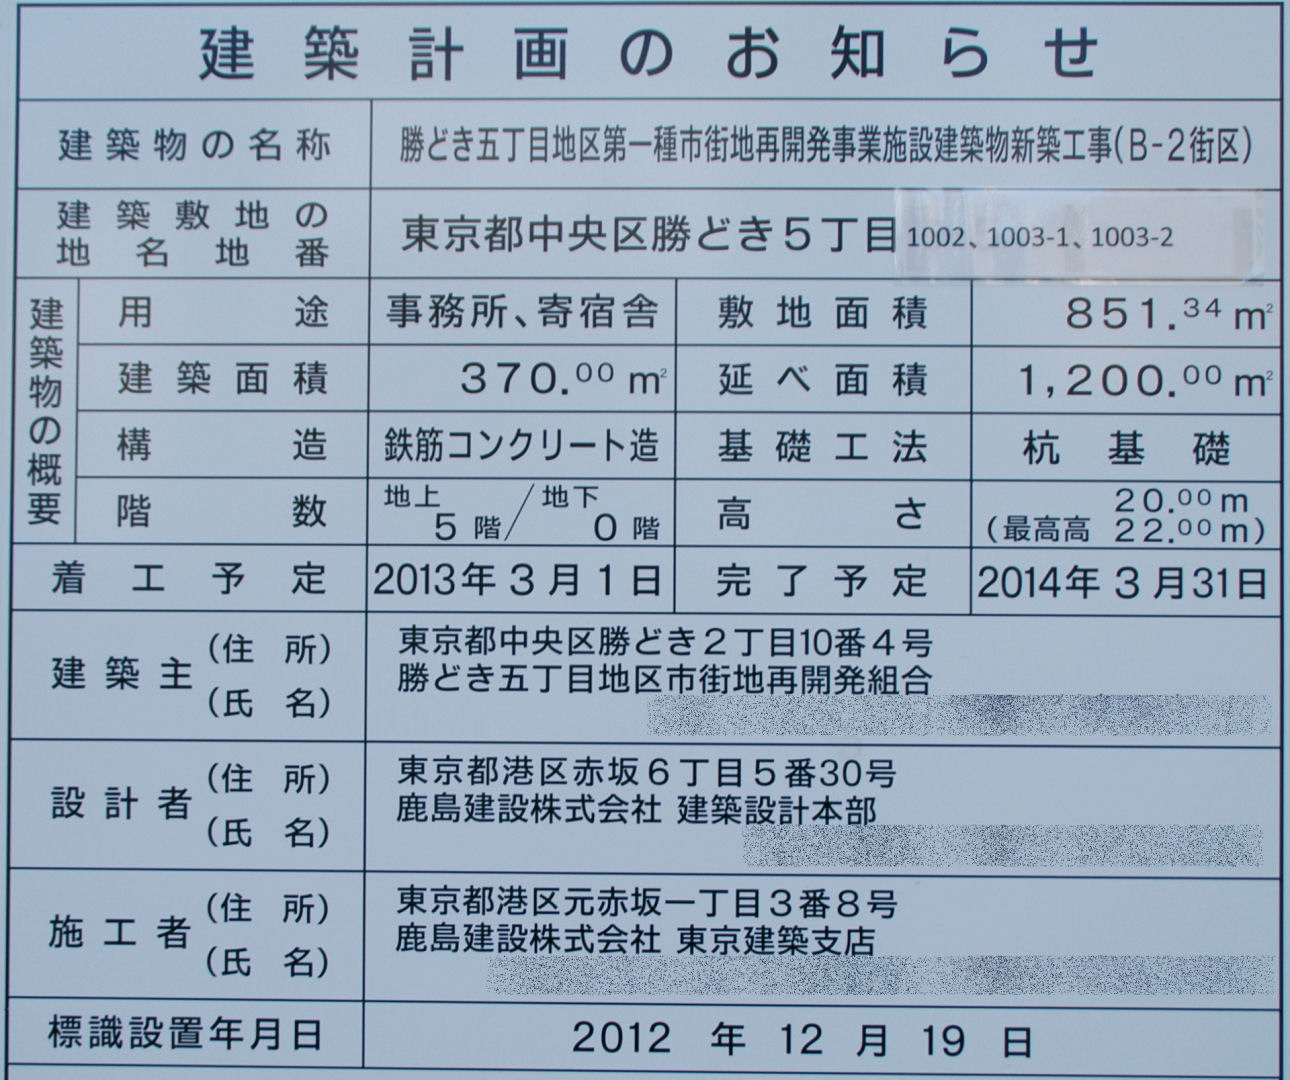 kachidoki13020098.jpg